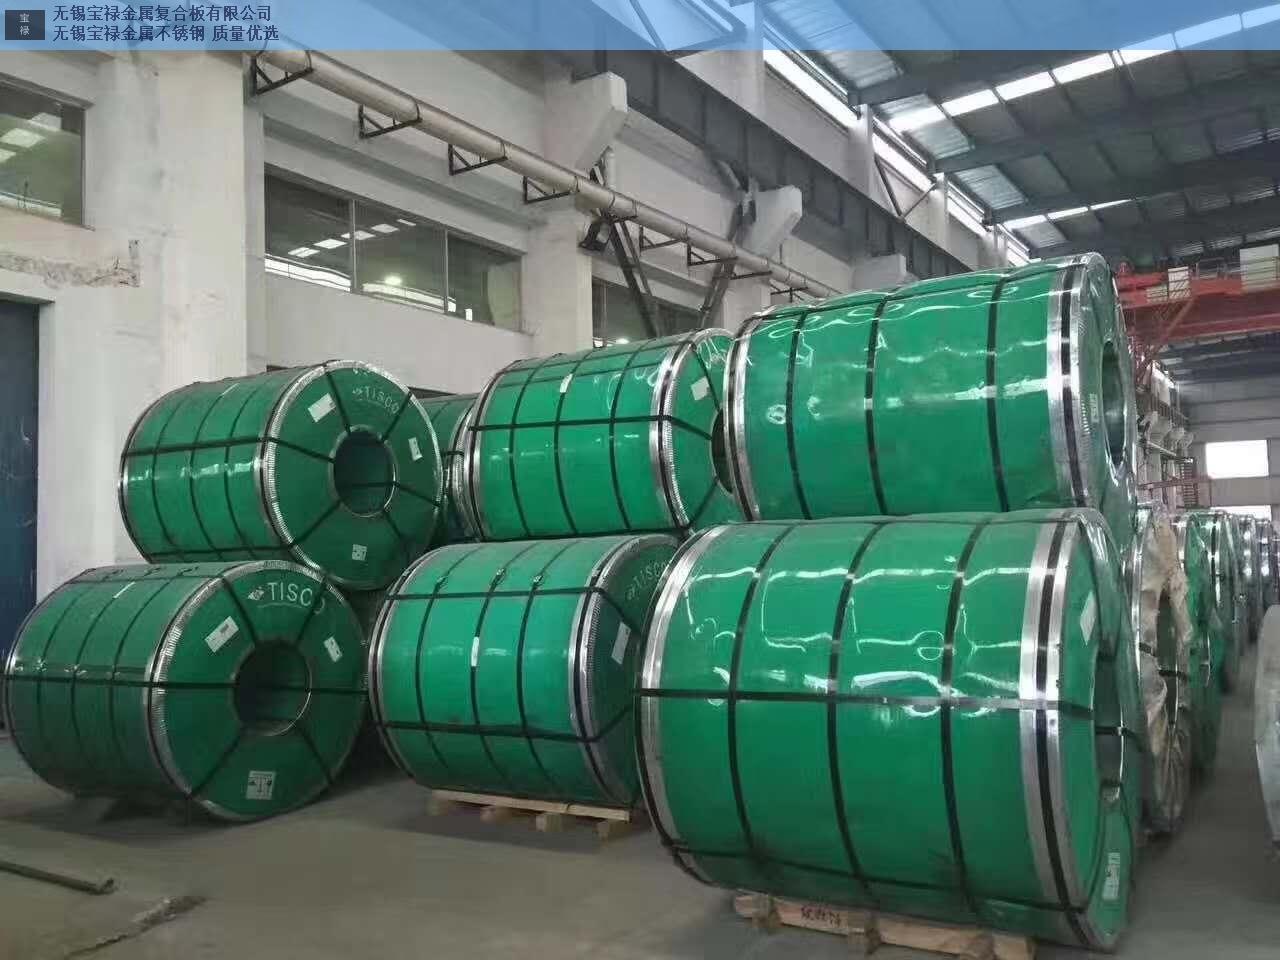 新疆202不锈钢厂家,不锈钢